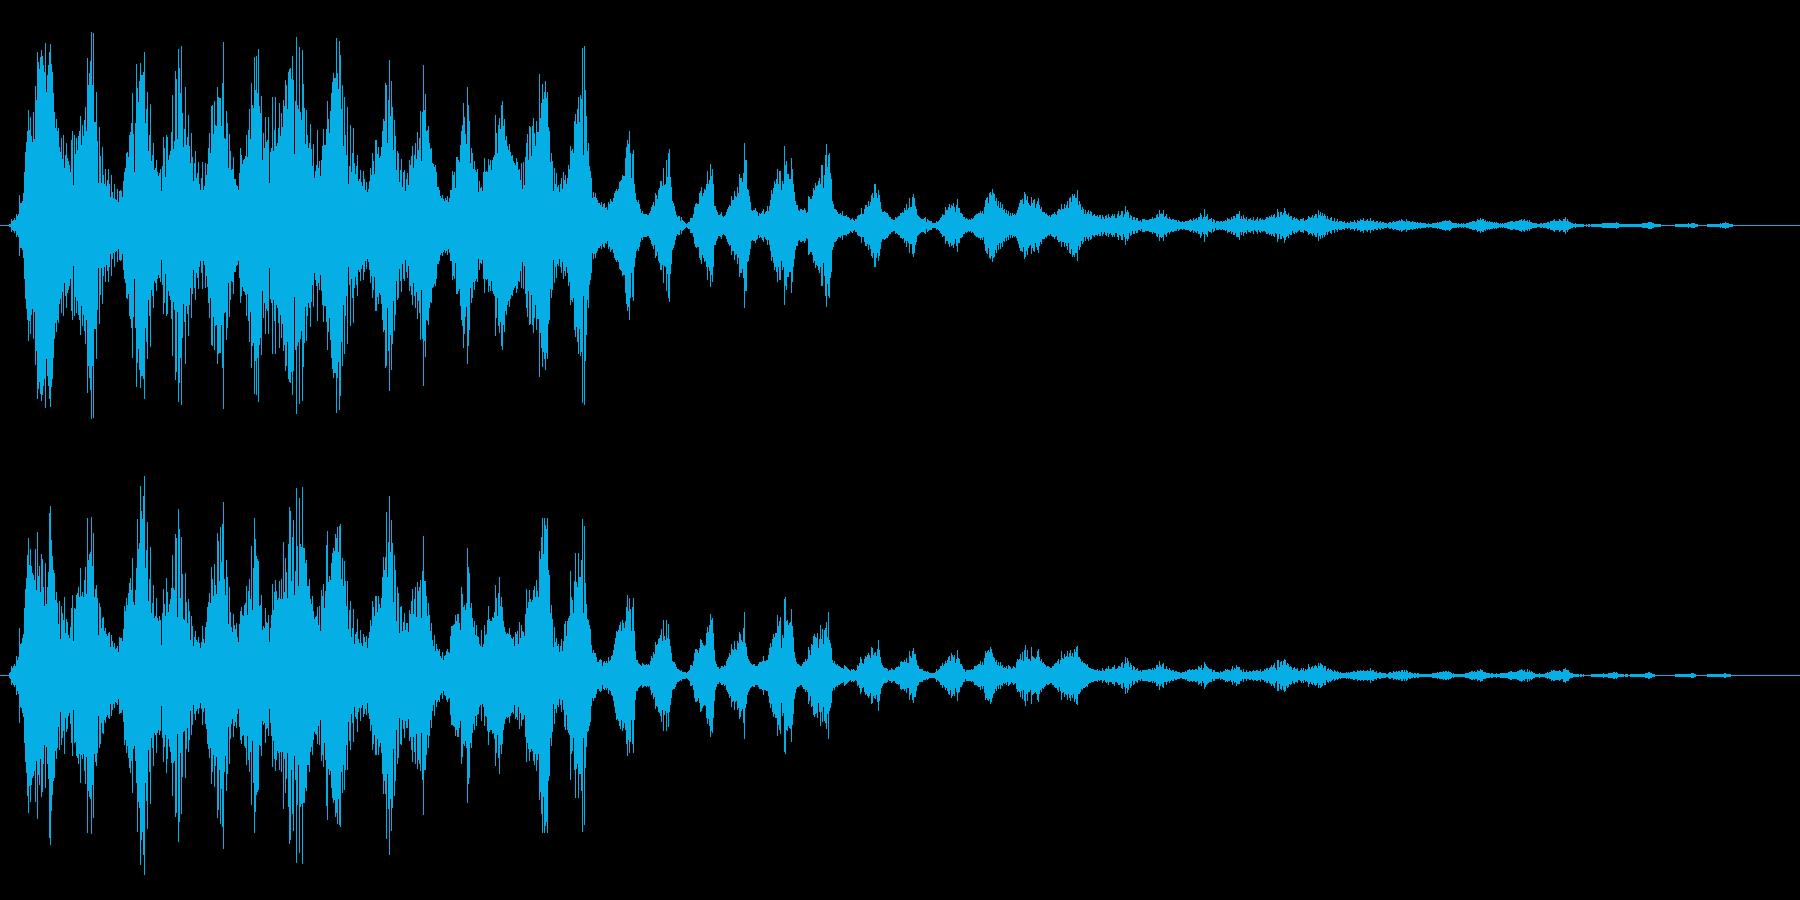 キュルルル(絡みつく)の再生済みの波形